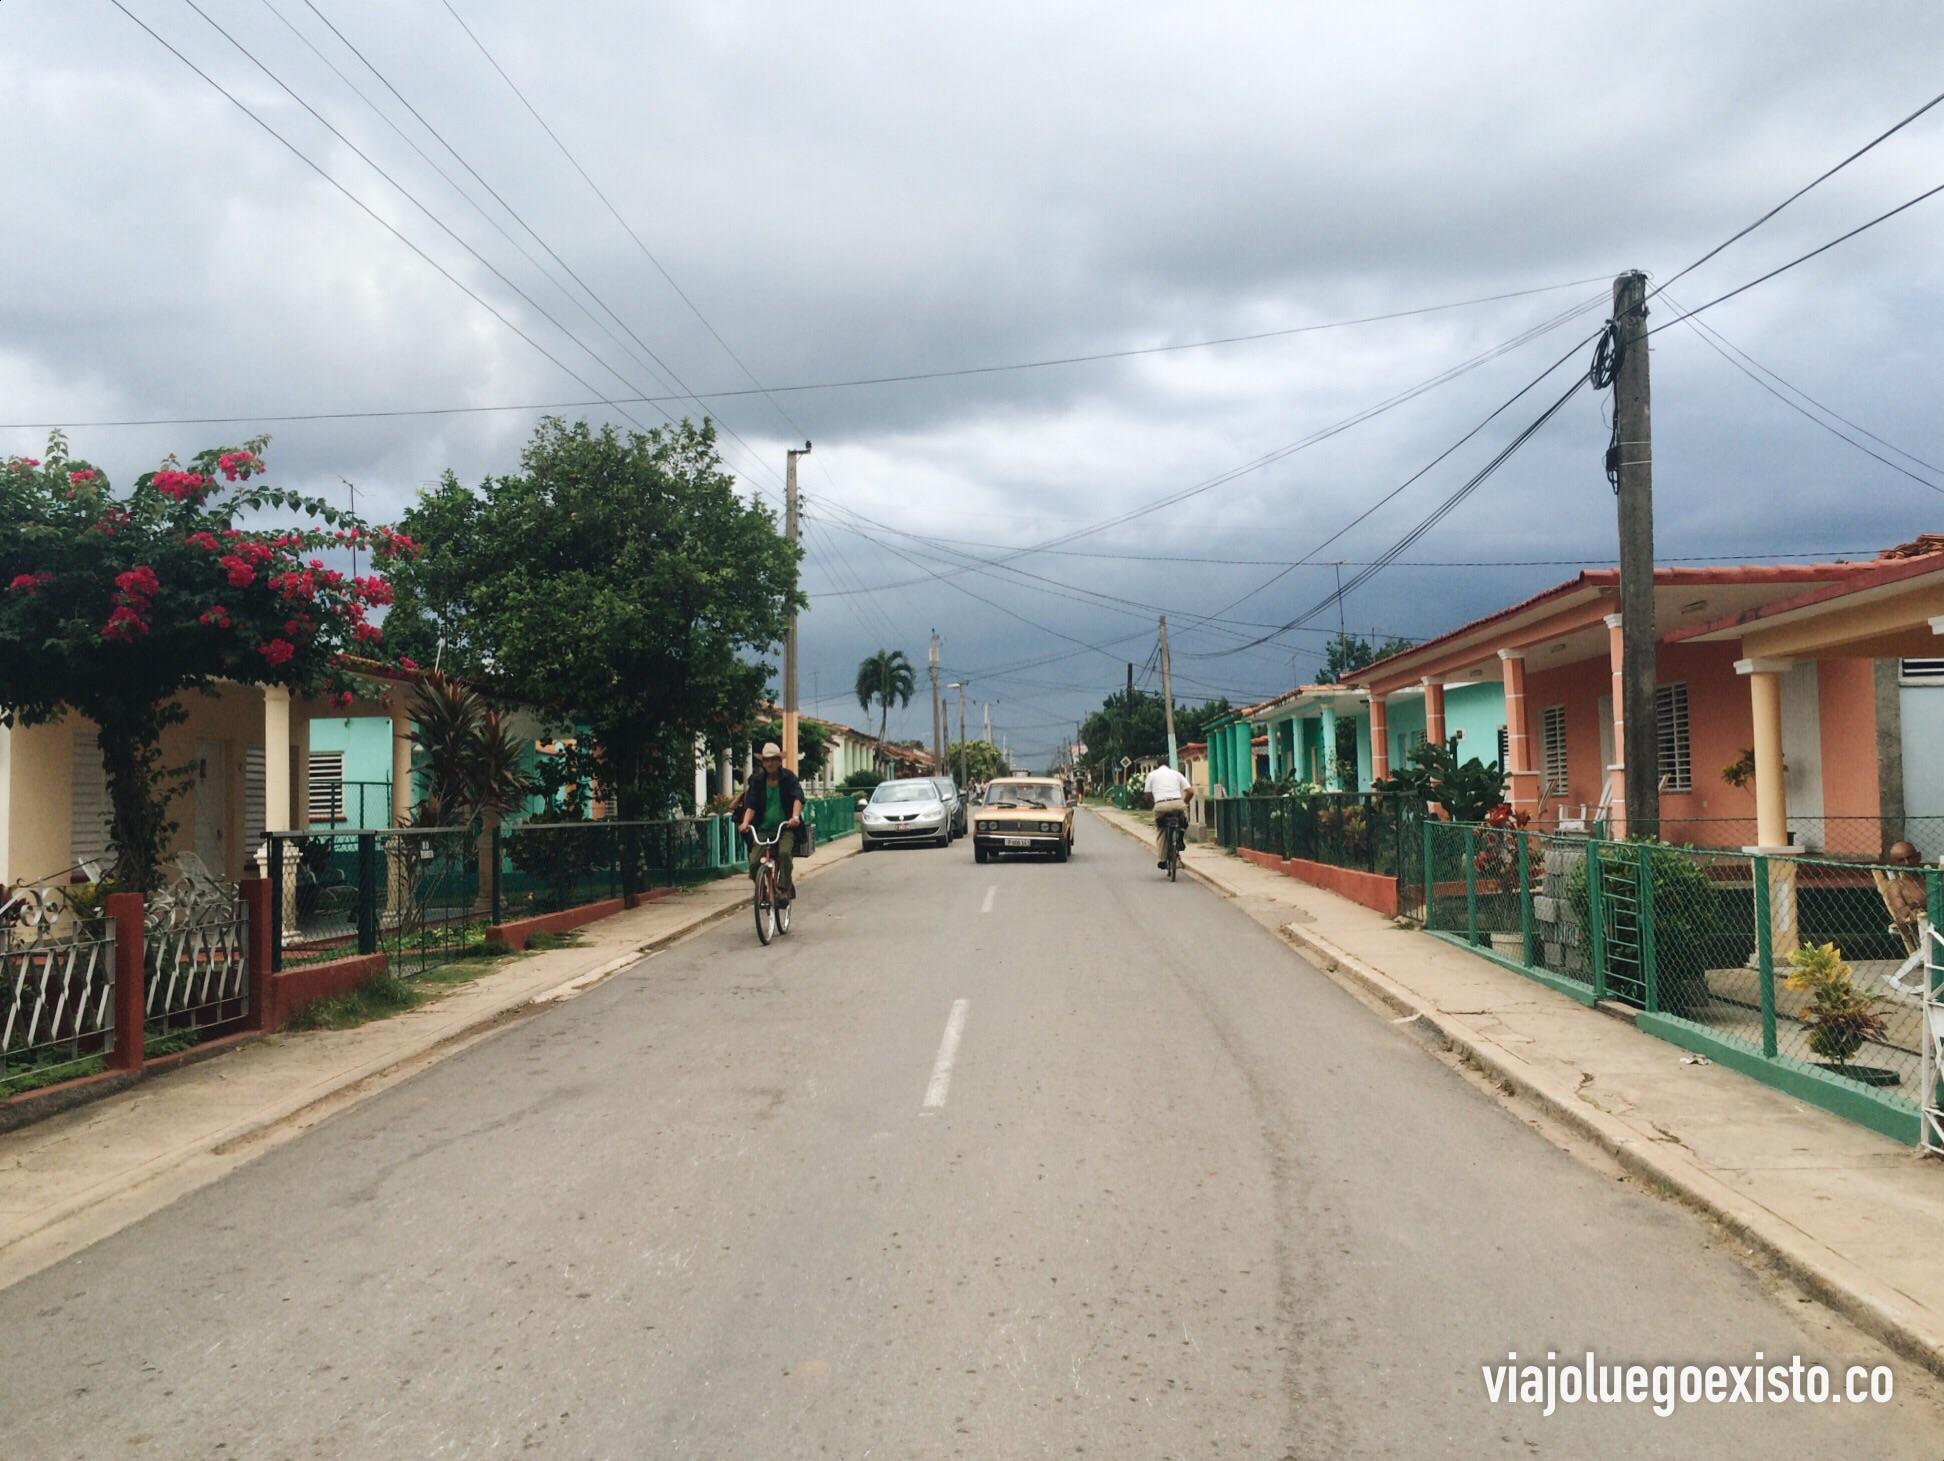 Calle paralela a la principal, llena de casas con mucho encanto.